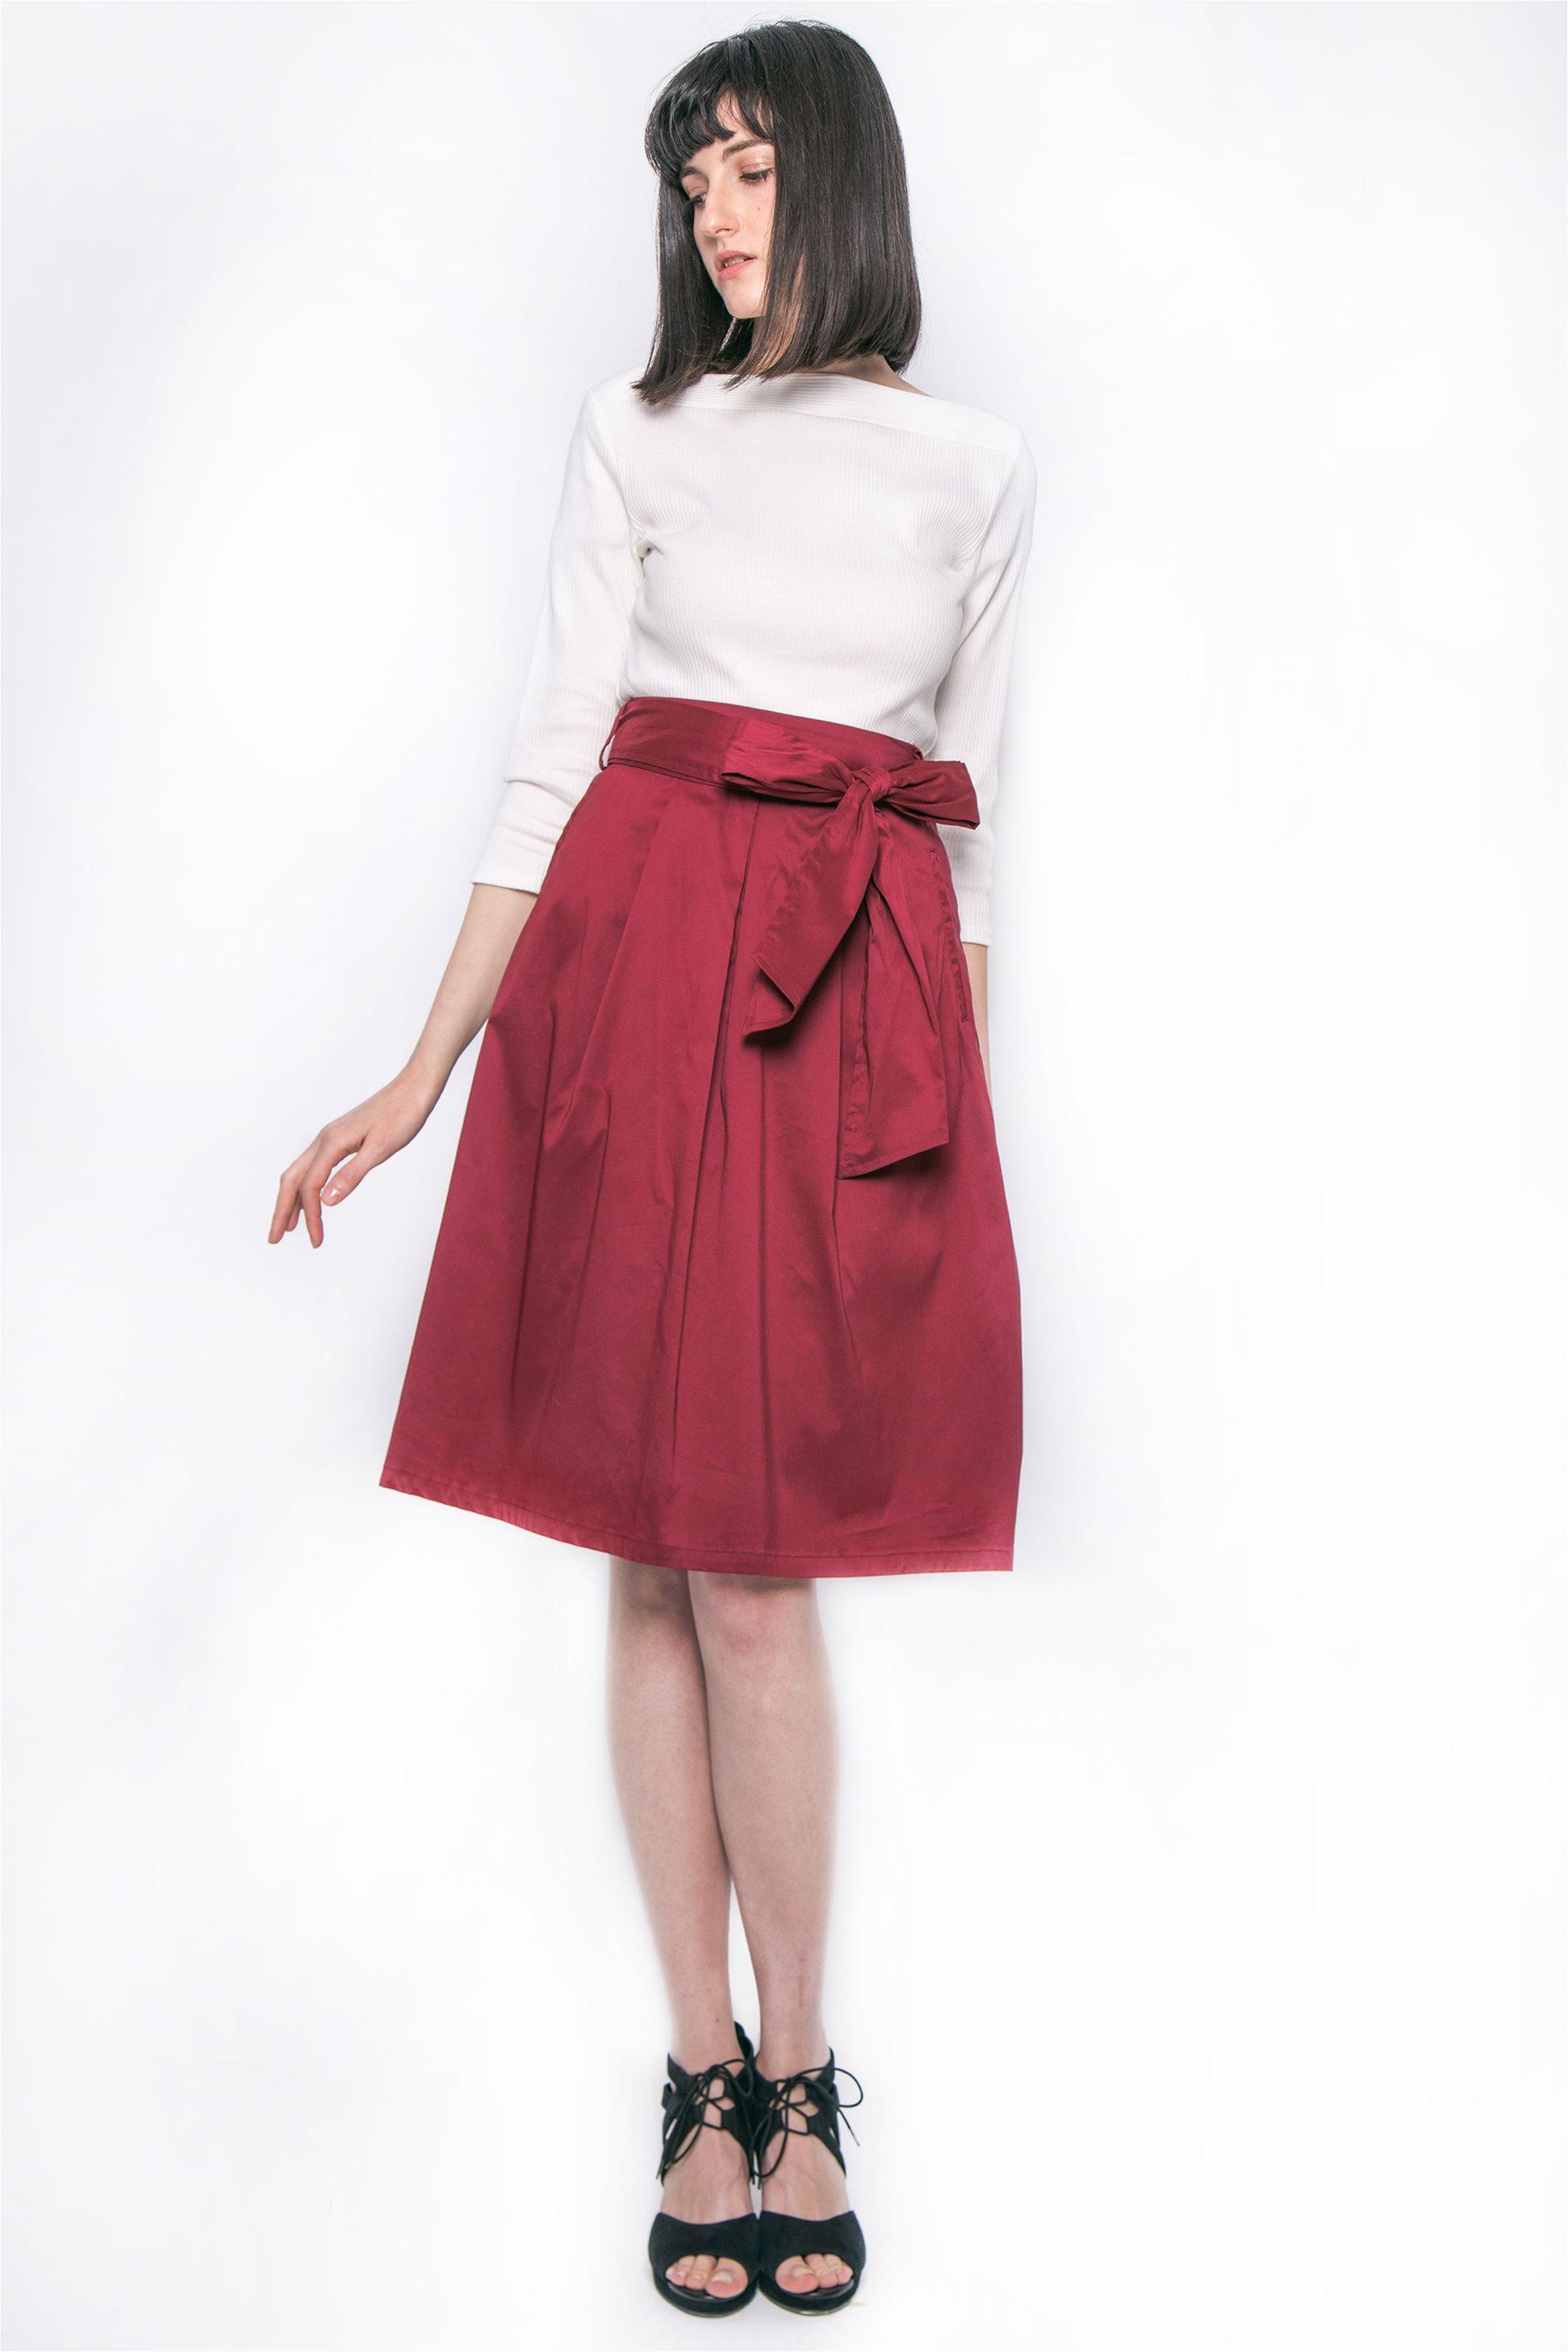 Γυναικεία   Ρούχα   Φούστες   Καθημερινές   Κρουαζέ maxi φούστα με ... 9c0ad6ba793